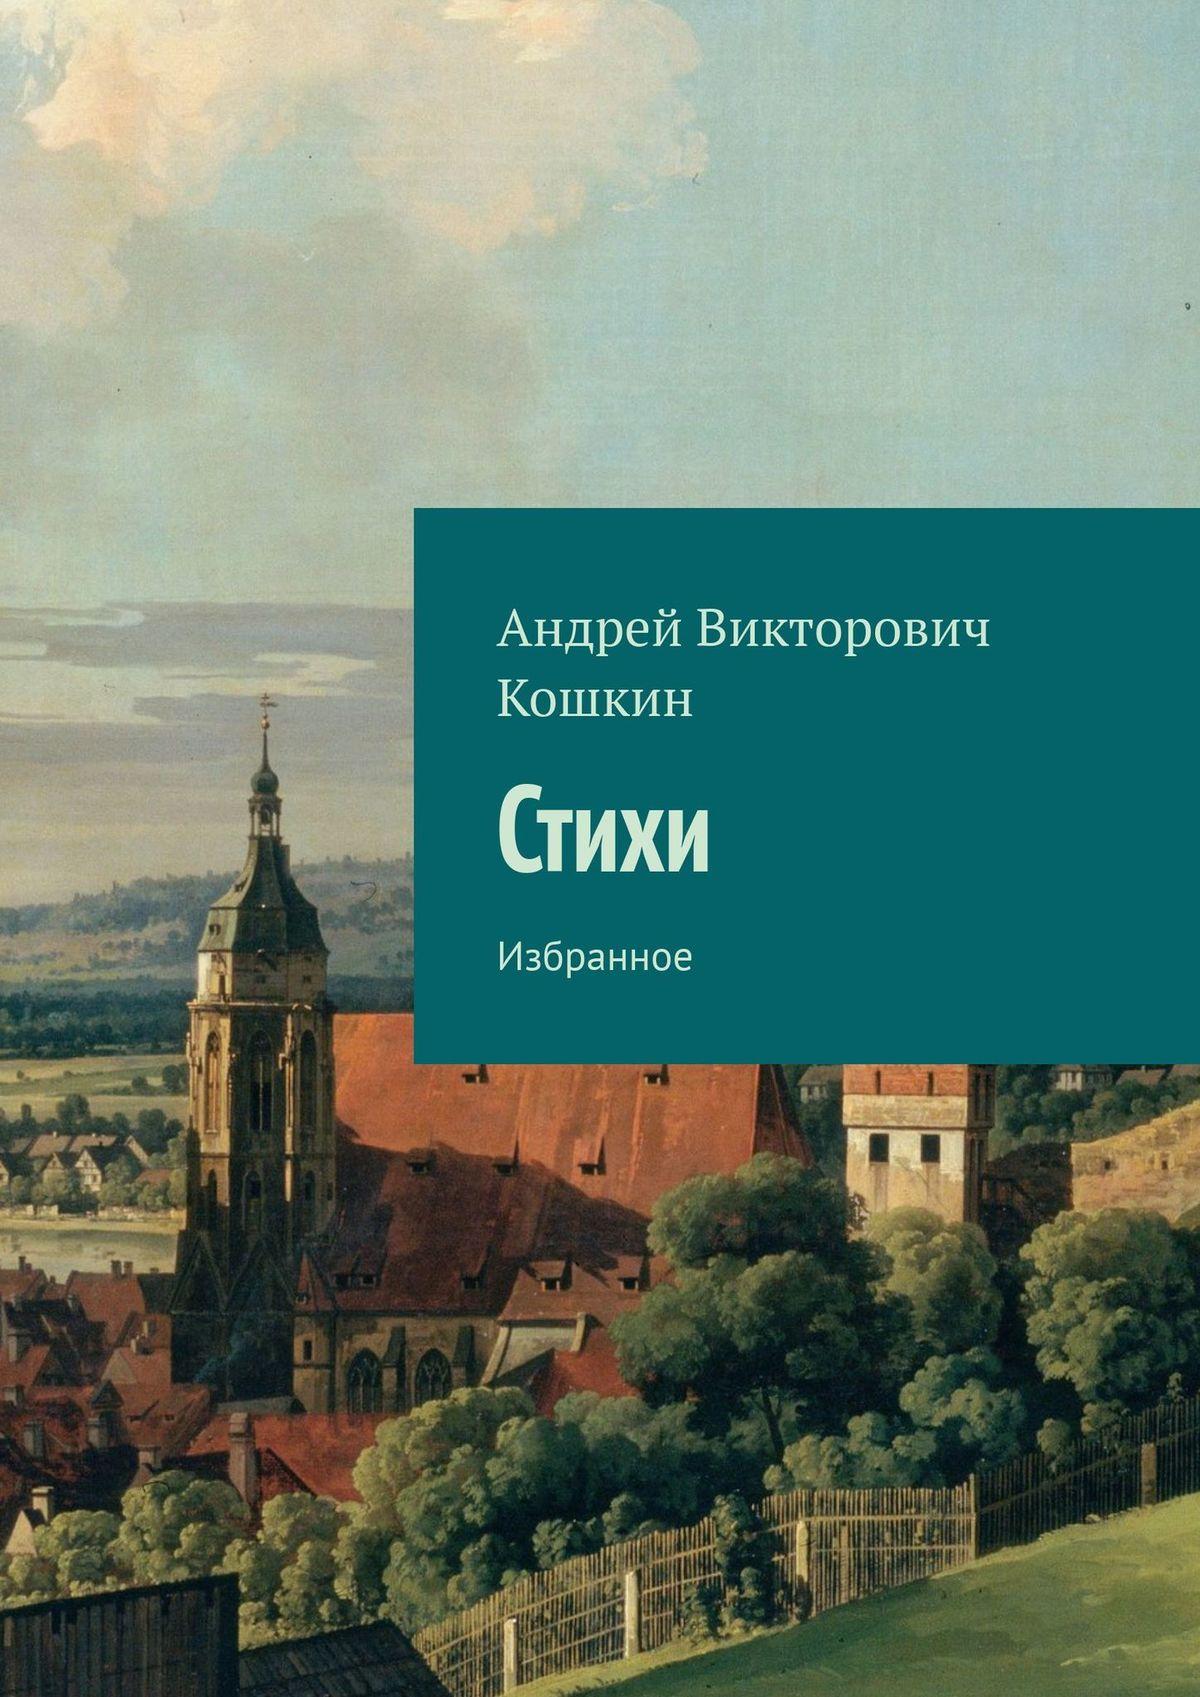 Андрей Викторович Кошкин Стихи. Избранное цена 2017